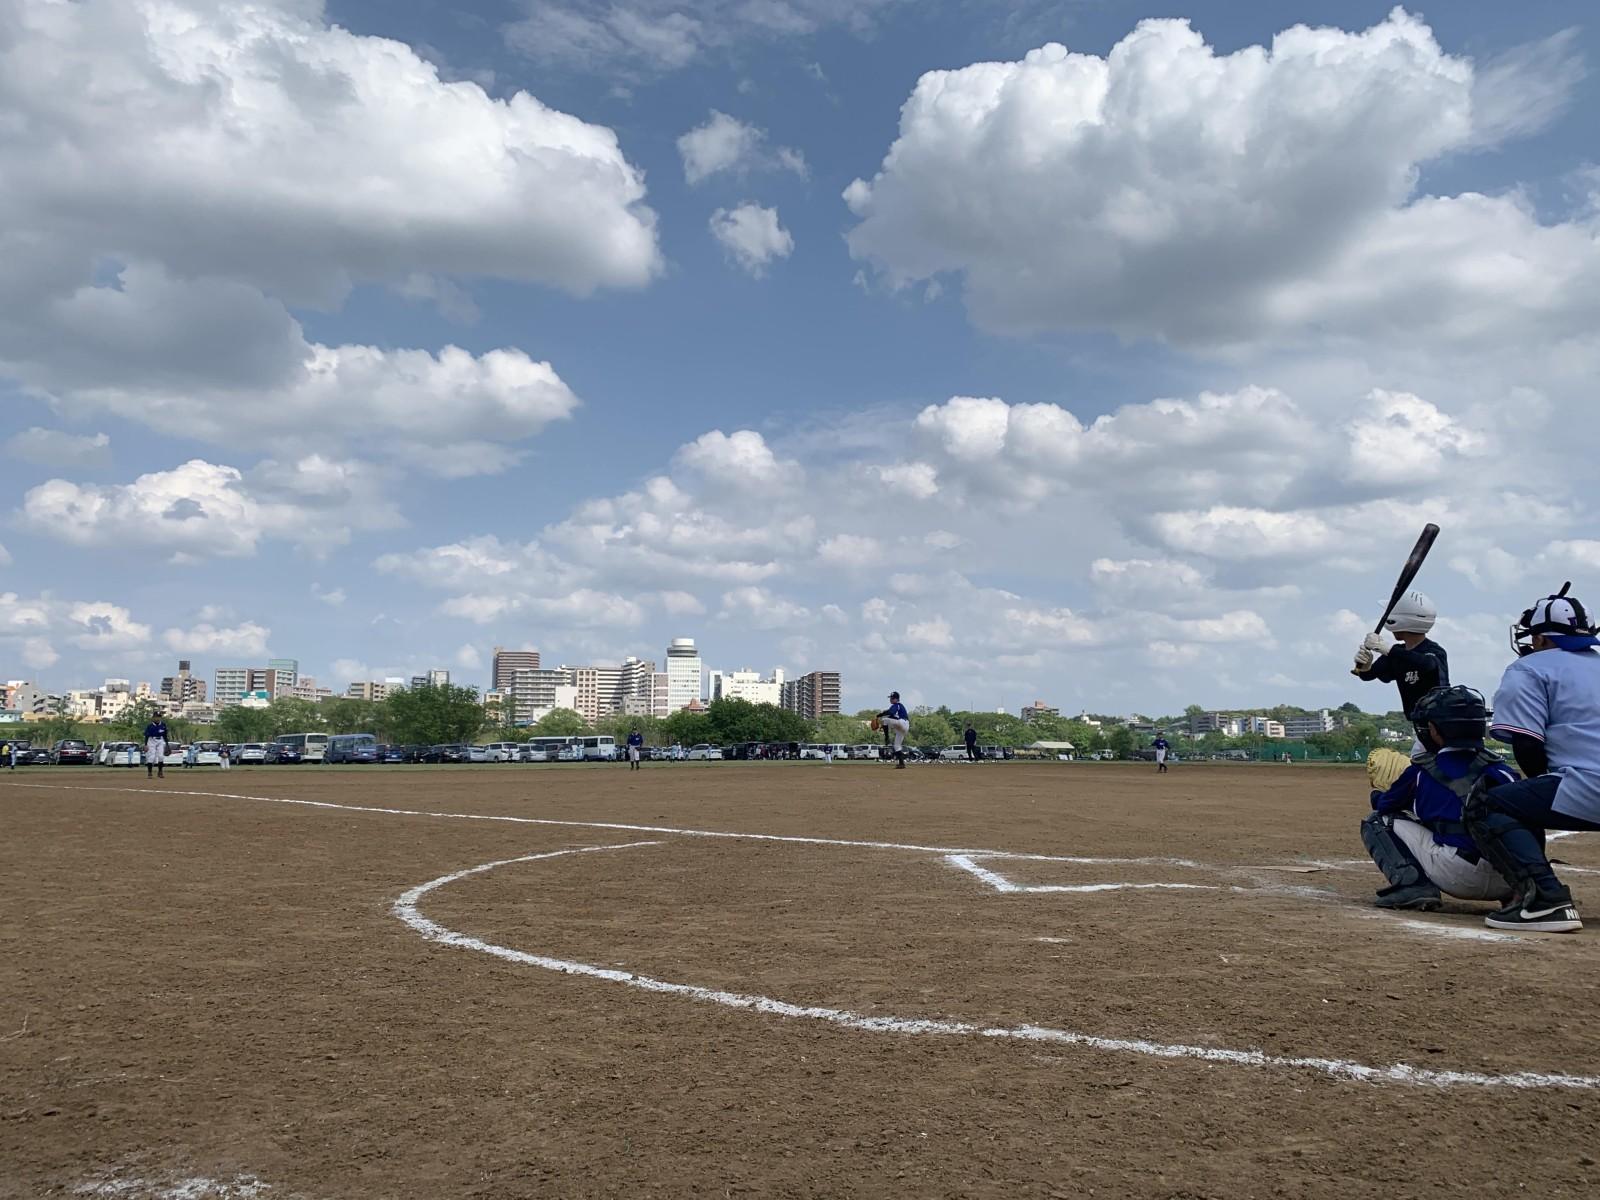 2019.05.04 2019年葛飾シニアルーキーズカップ オープン戦 八王子リトルシニアA戦